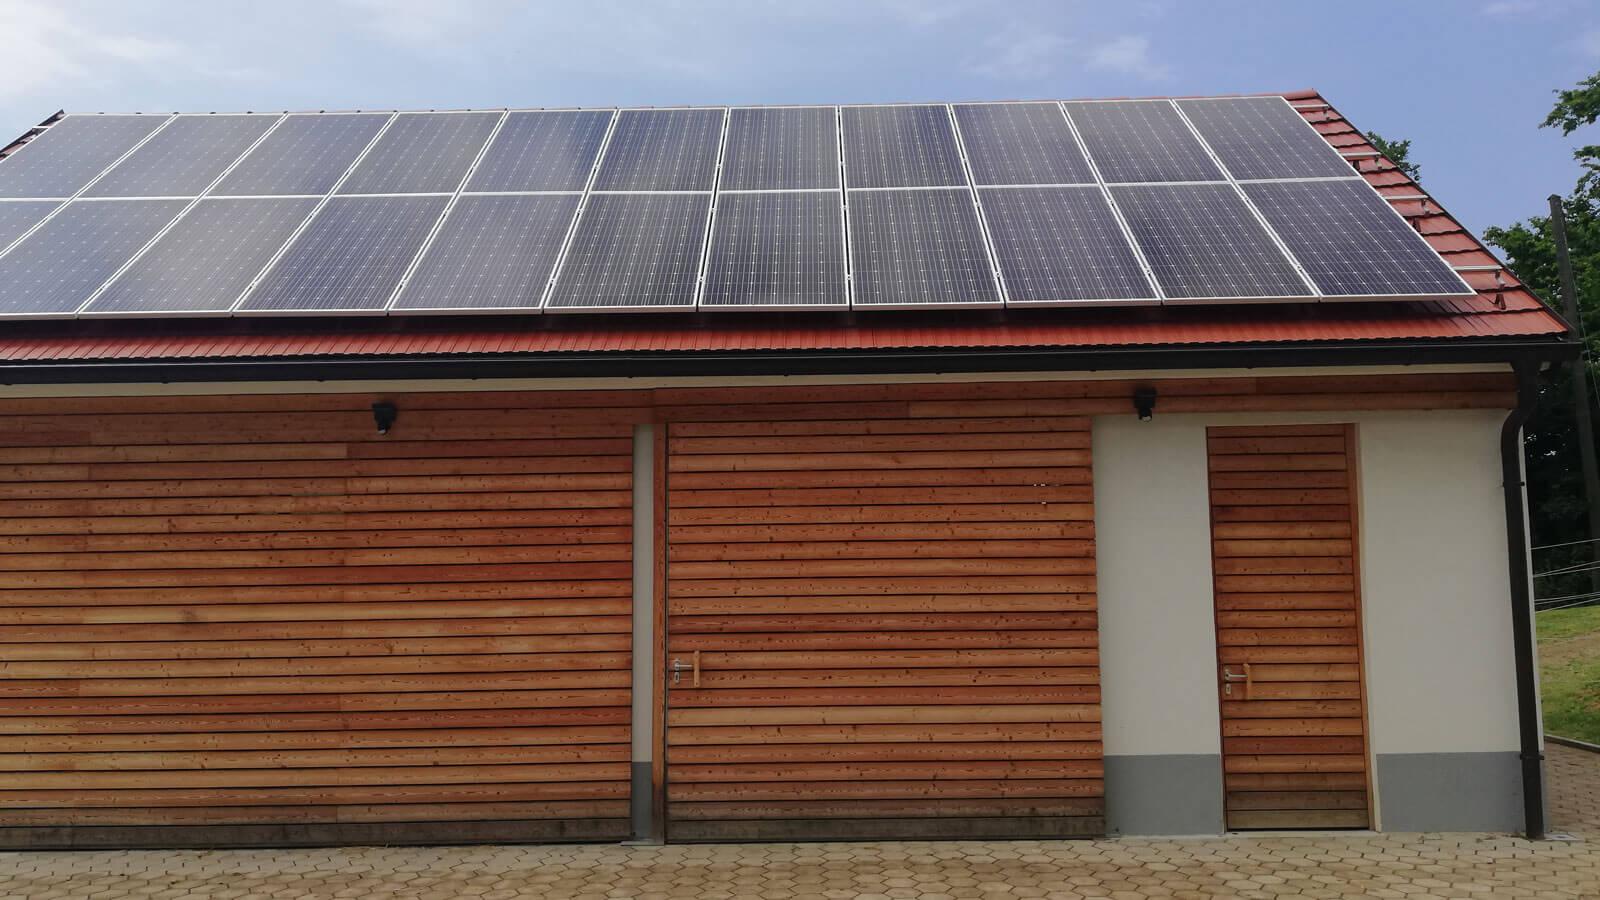 Sončna elektrarna OPSEN - BREZJE PRI SLOVENSKI BISTRICI